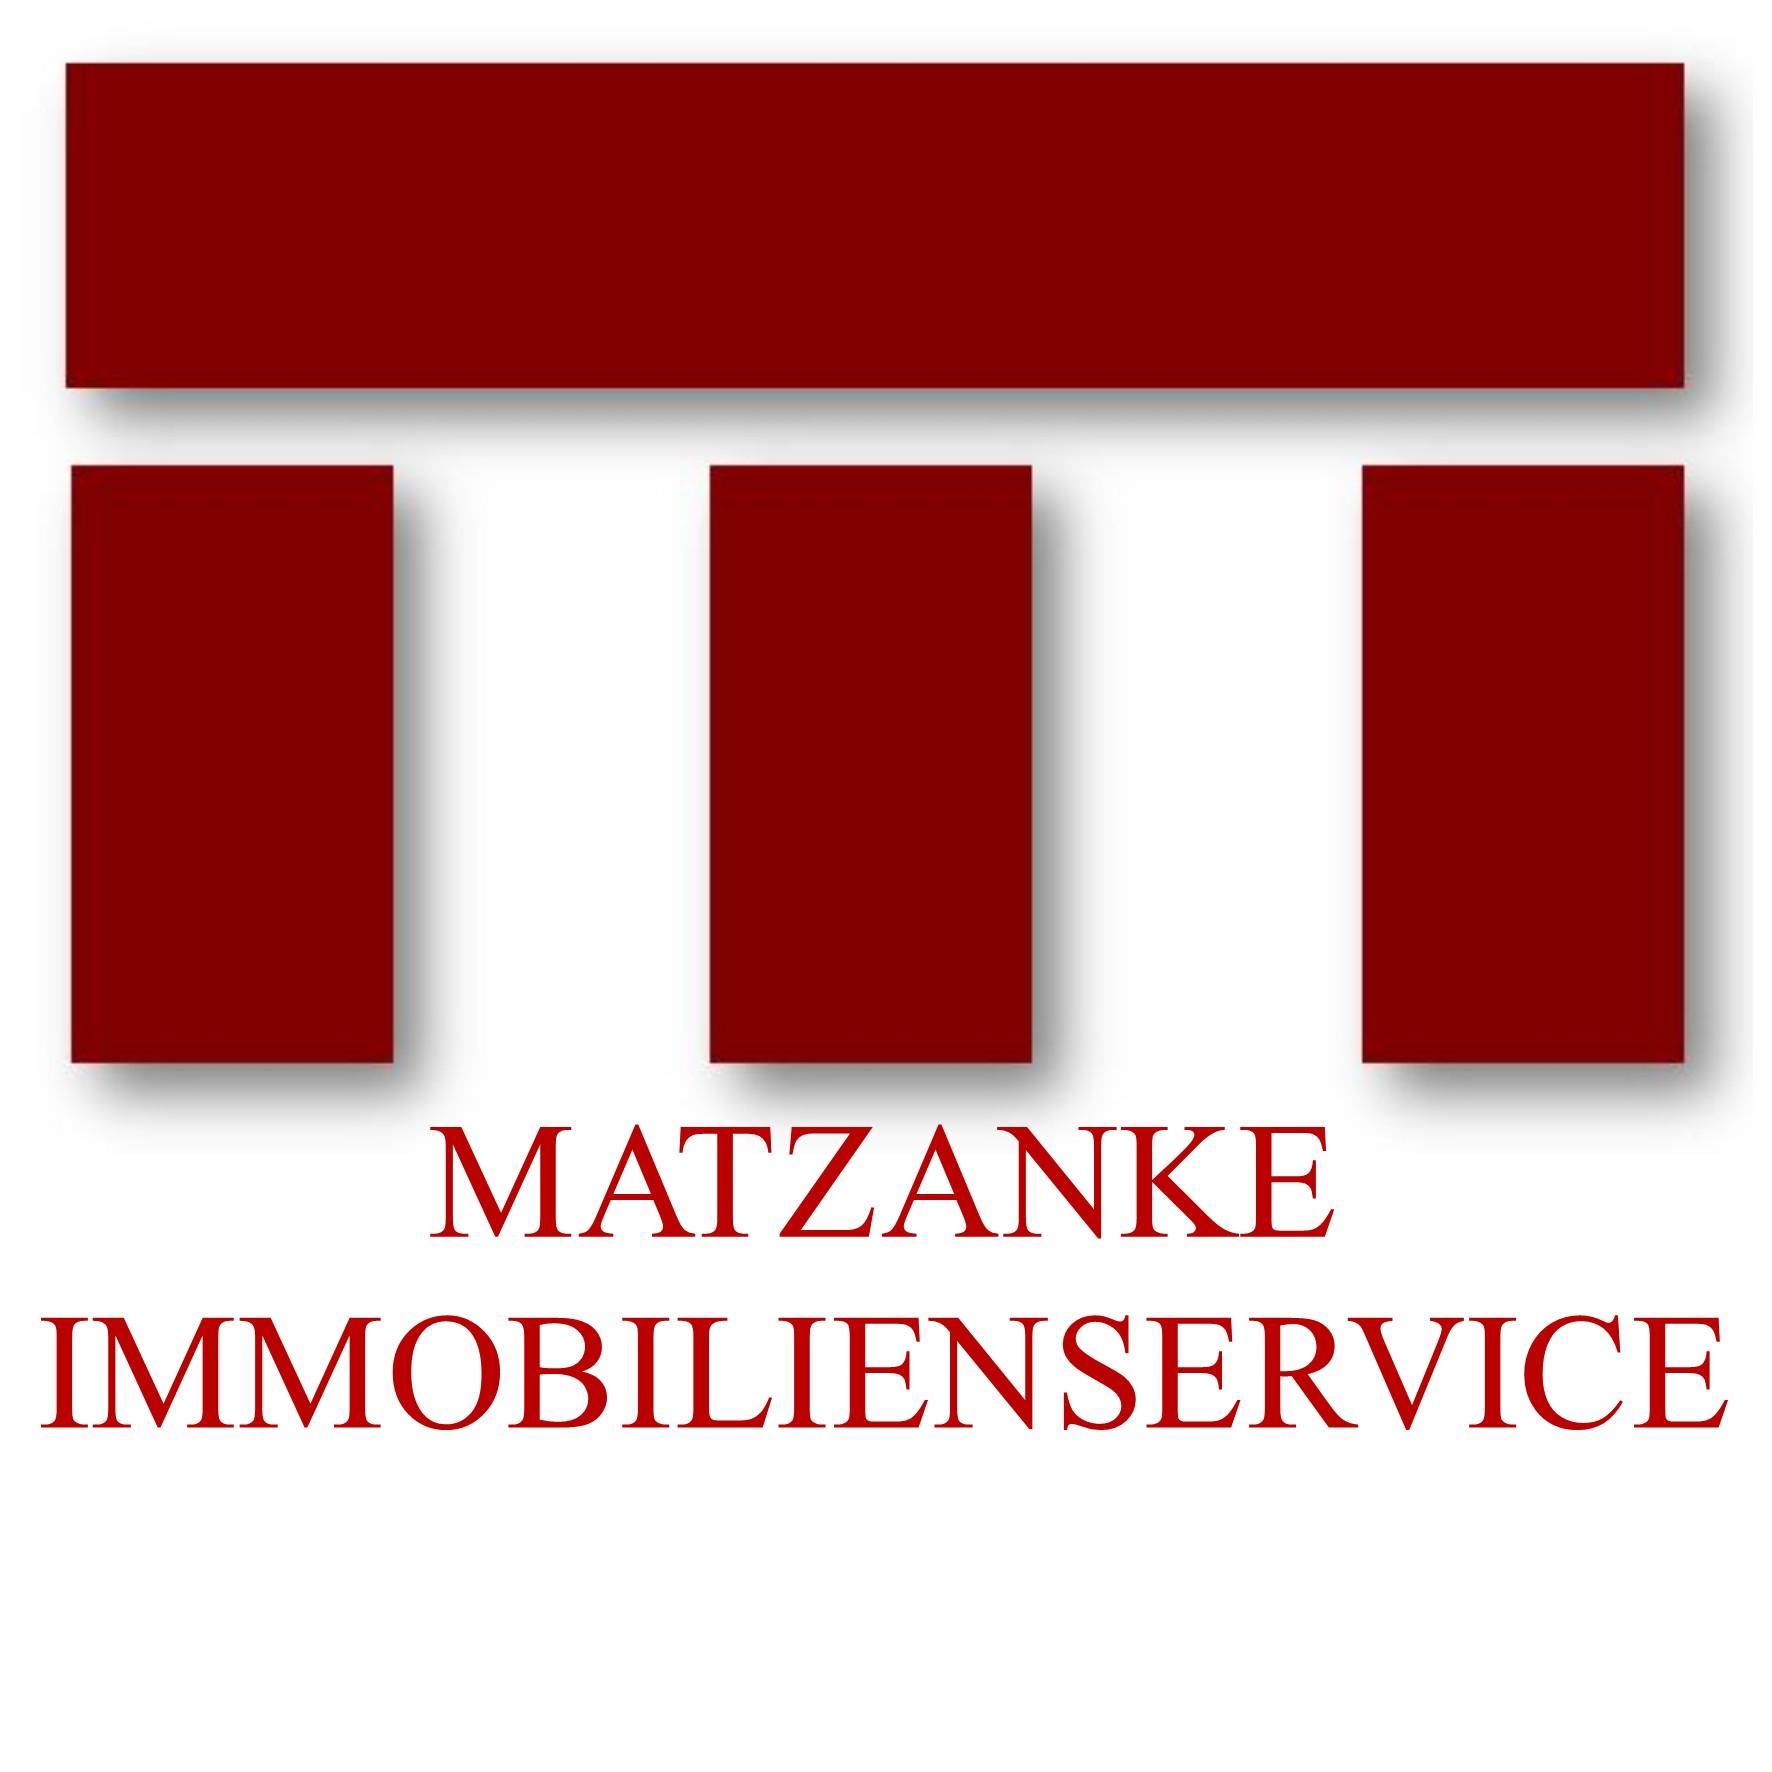 Hier sehen Sie das Logo von MATZANKE IMMOBILIENSERVICE